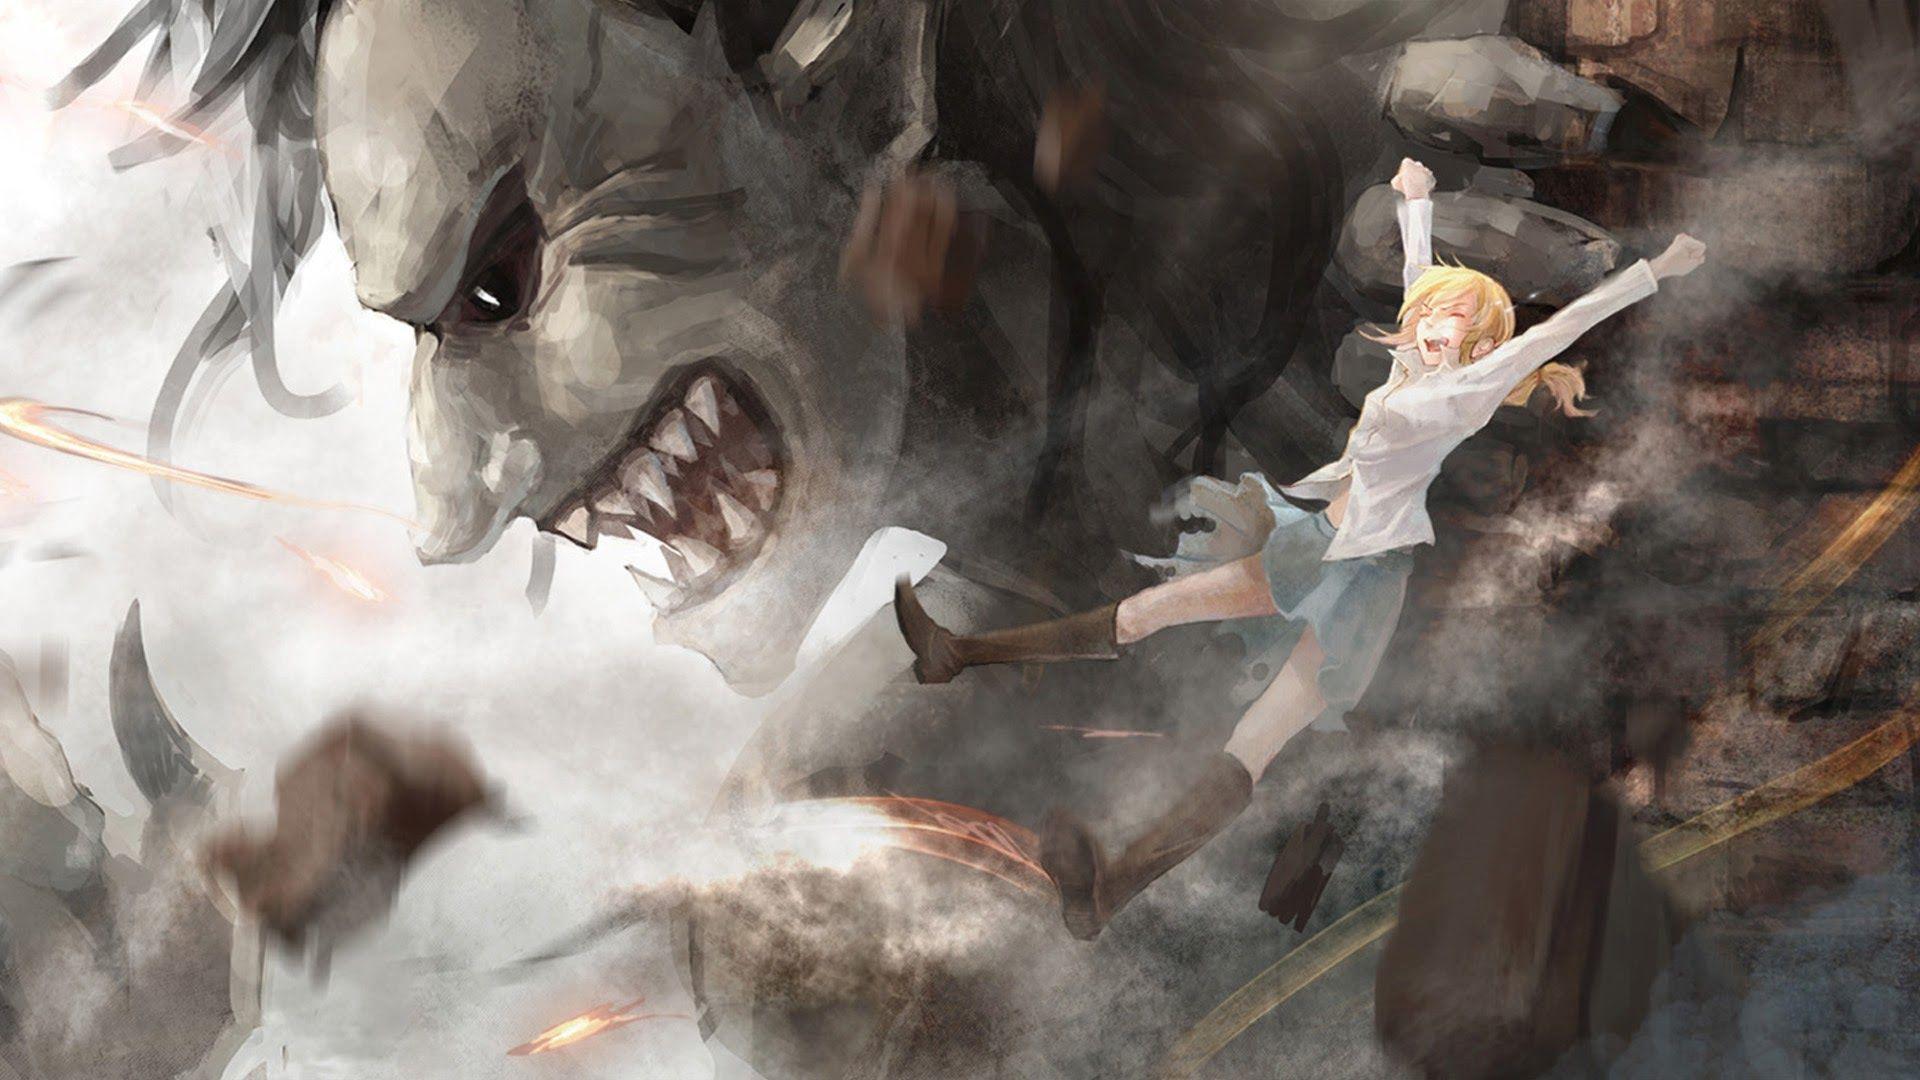 Dancing titan ymir christa renz attack on titan shingeki no kyojin dancing titan ymir christa renz attack on titan shingeki no kyojin anime hd wallpaper voltagebd Choice Image